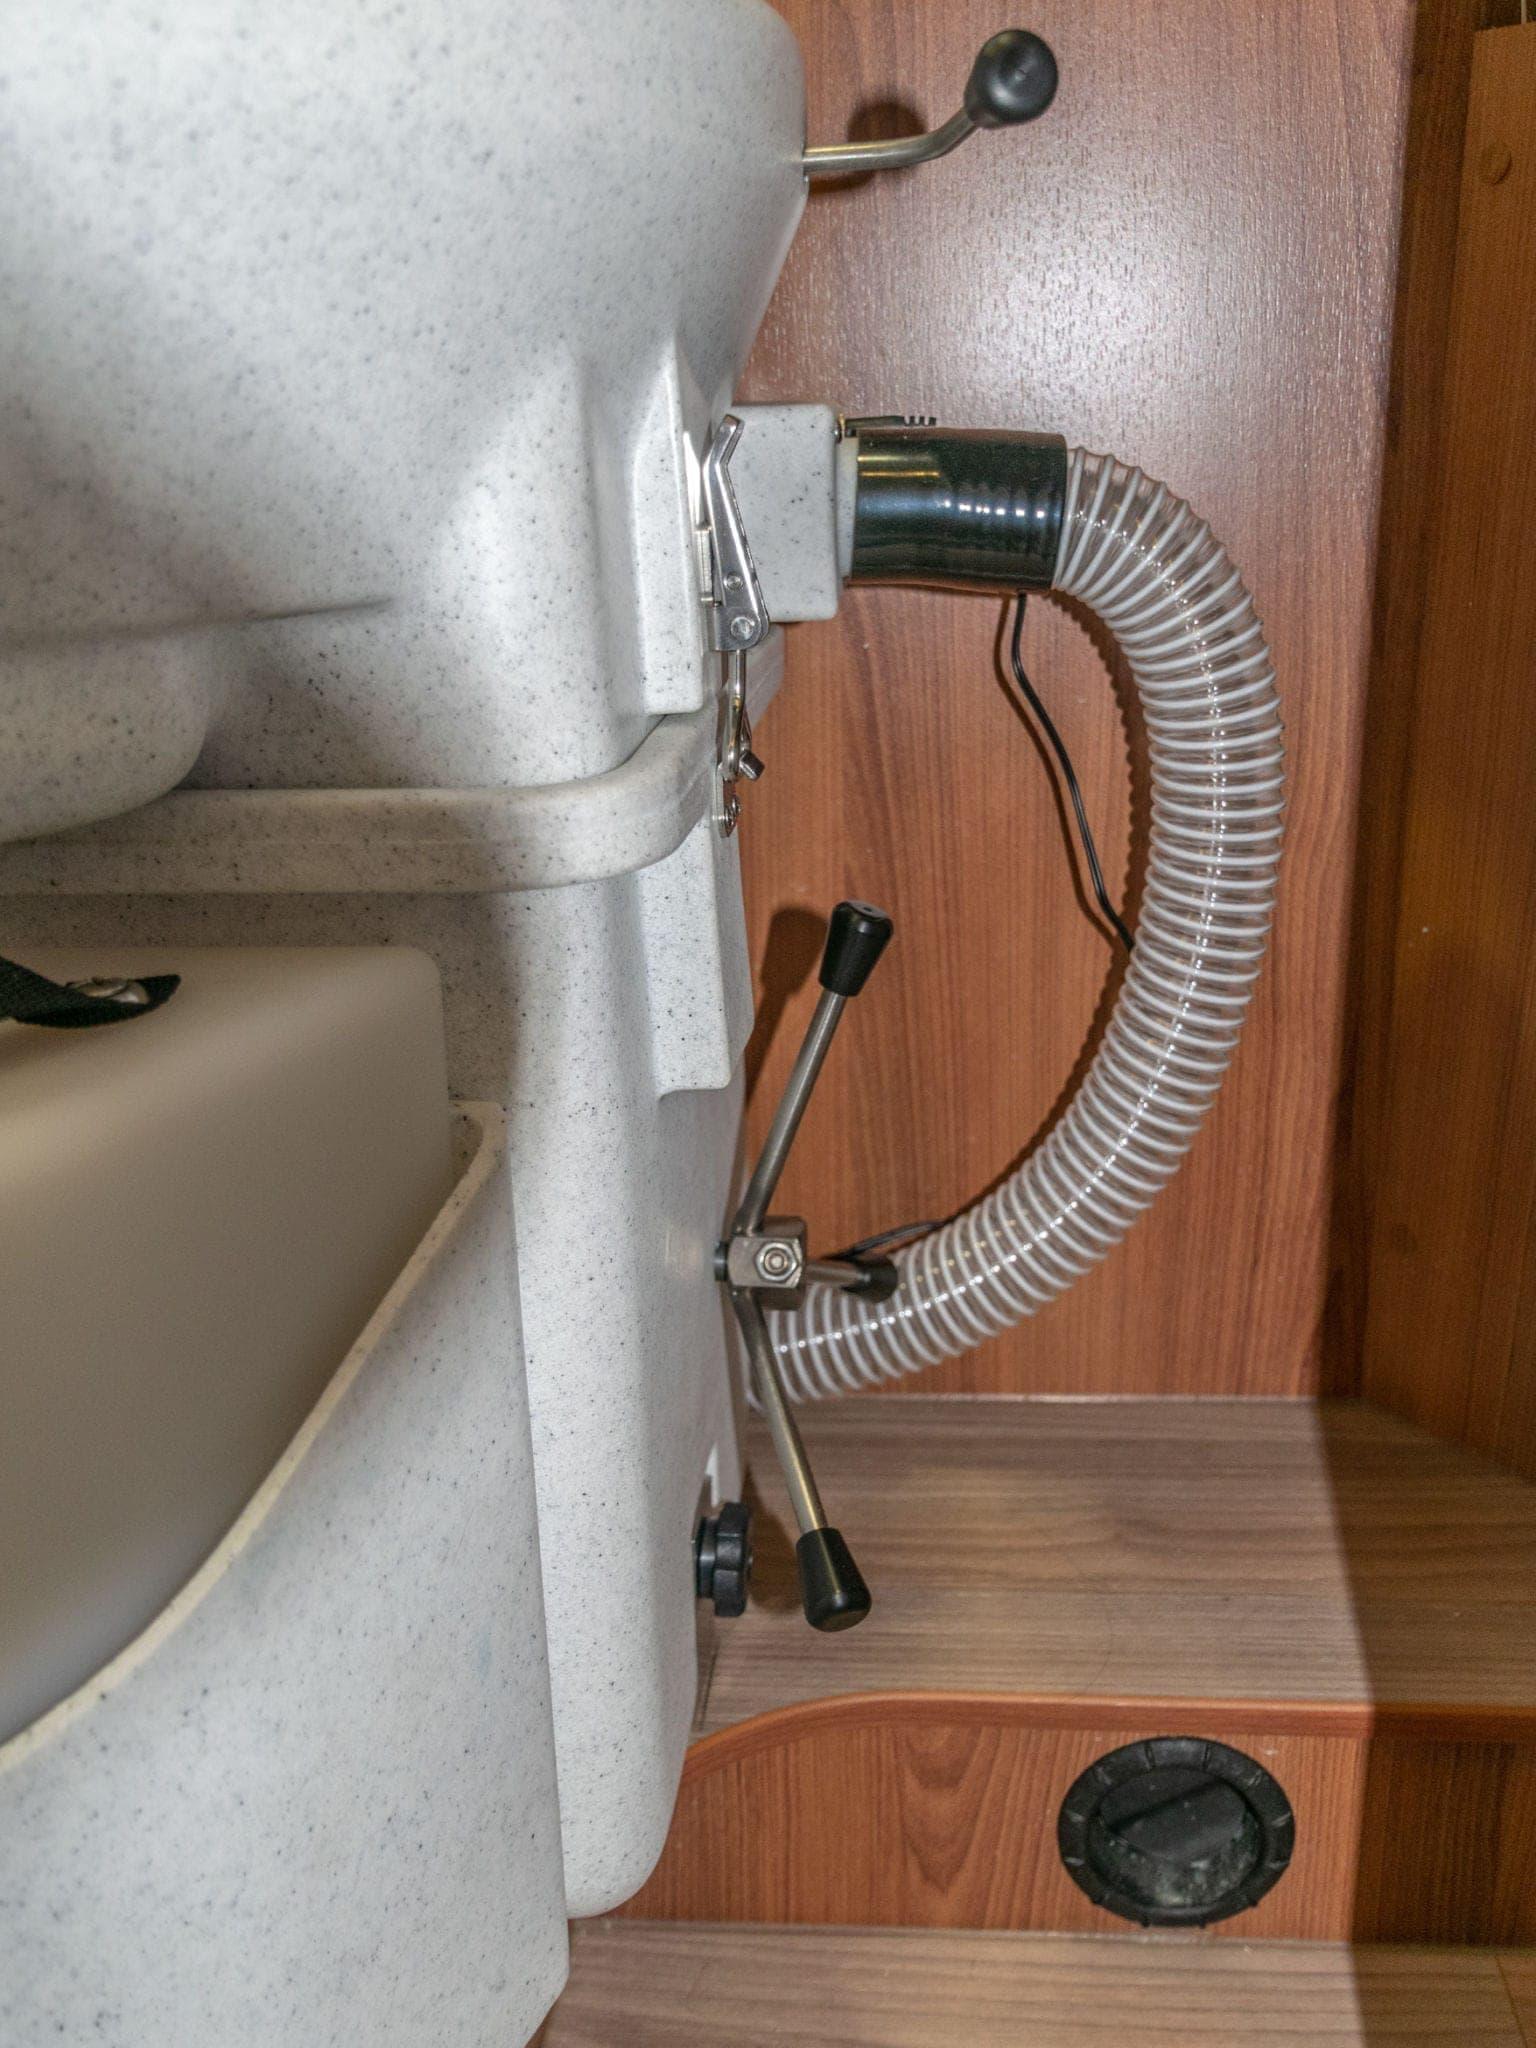 Krasser Scheiß - Einbau einer Komposttoilette ins Wohnmobil